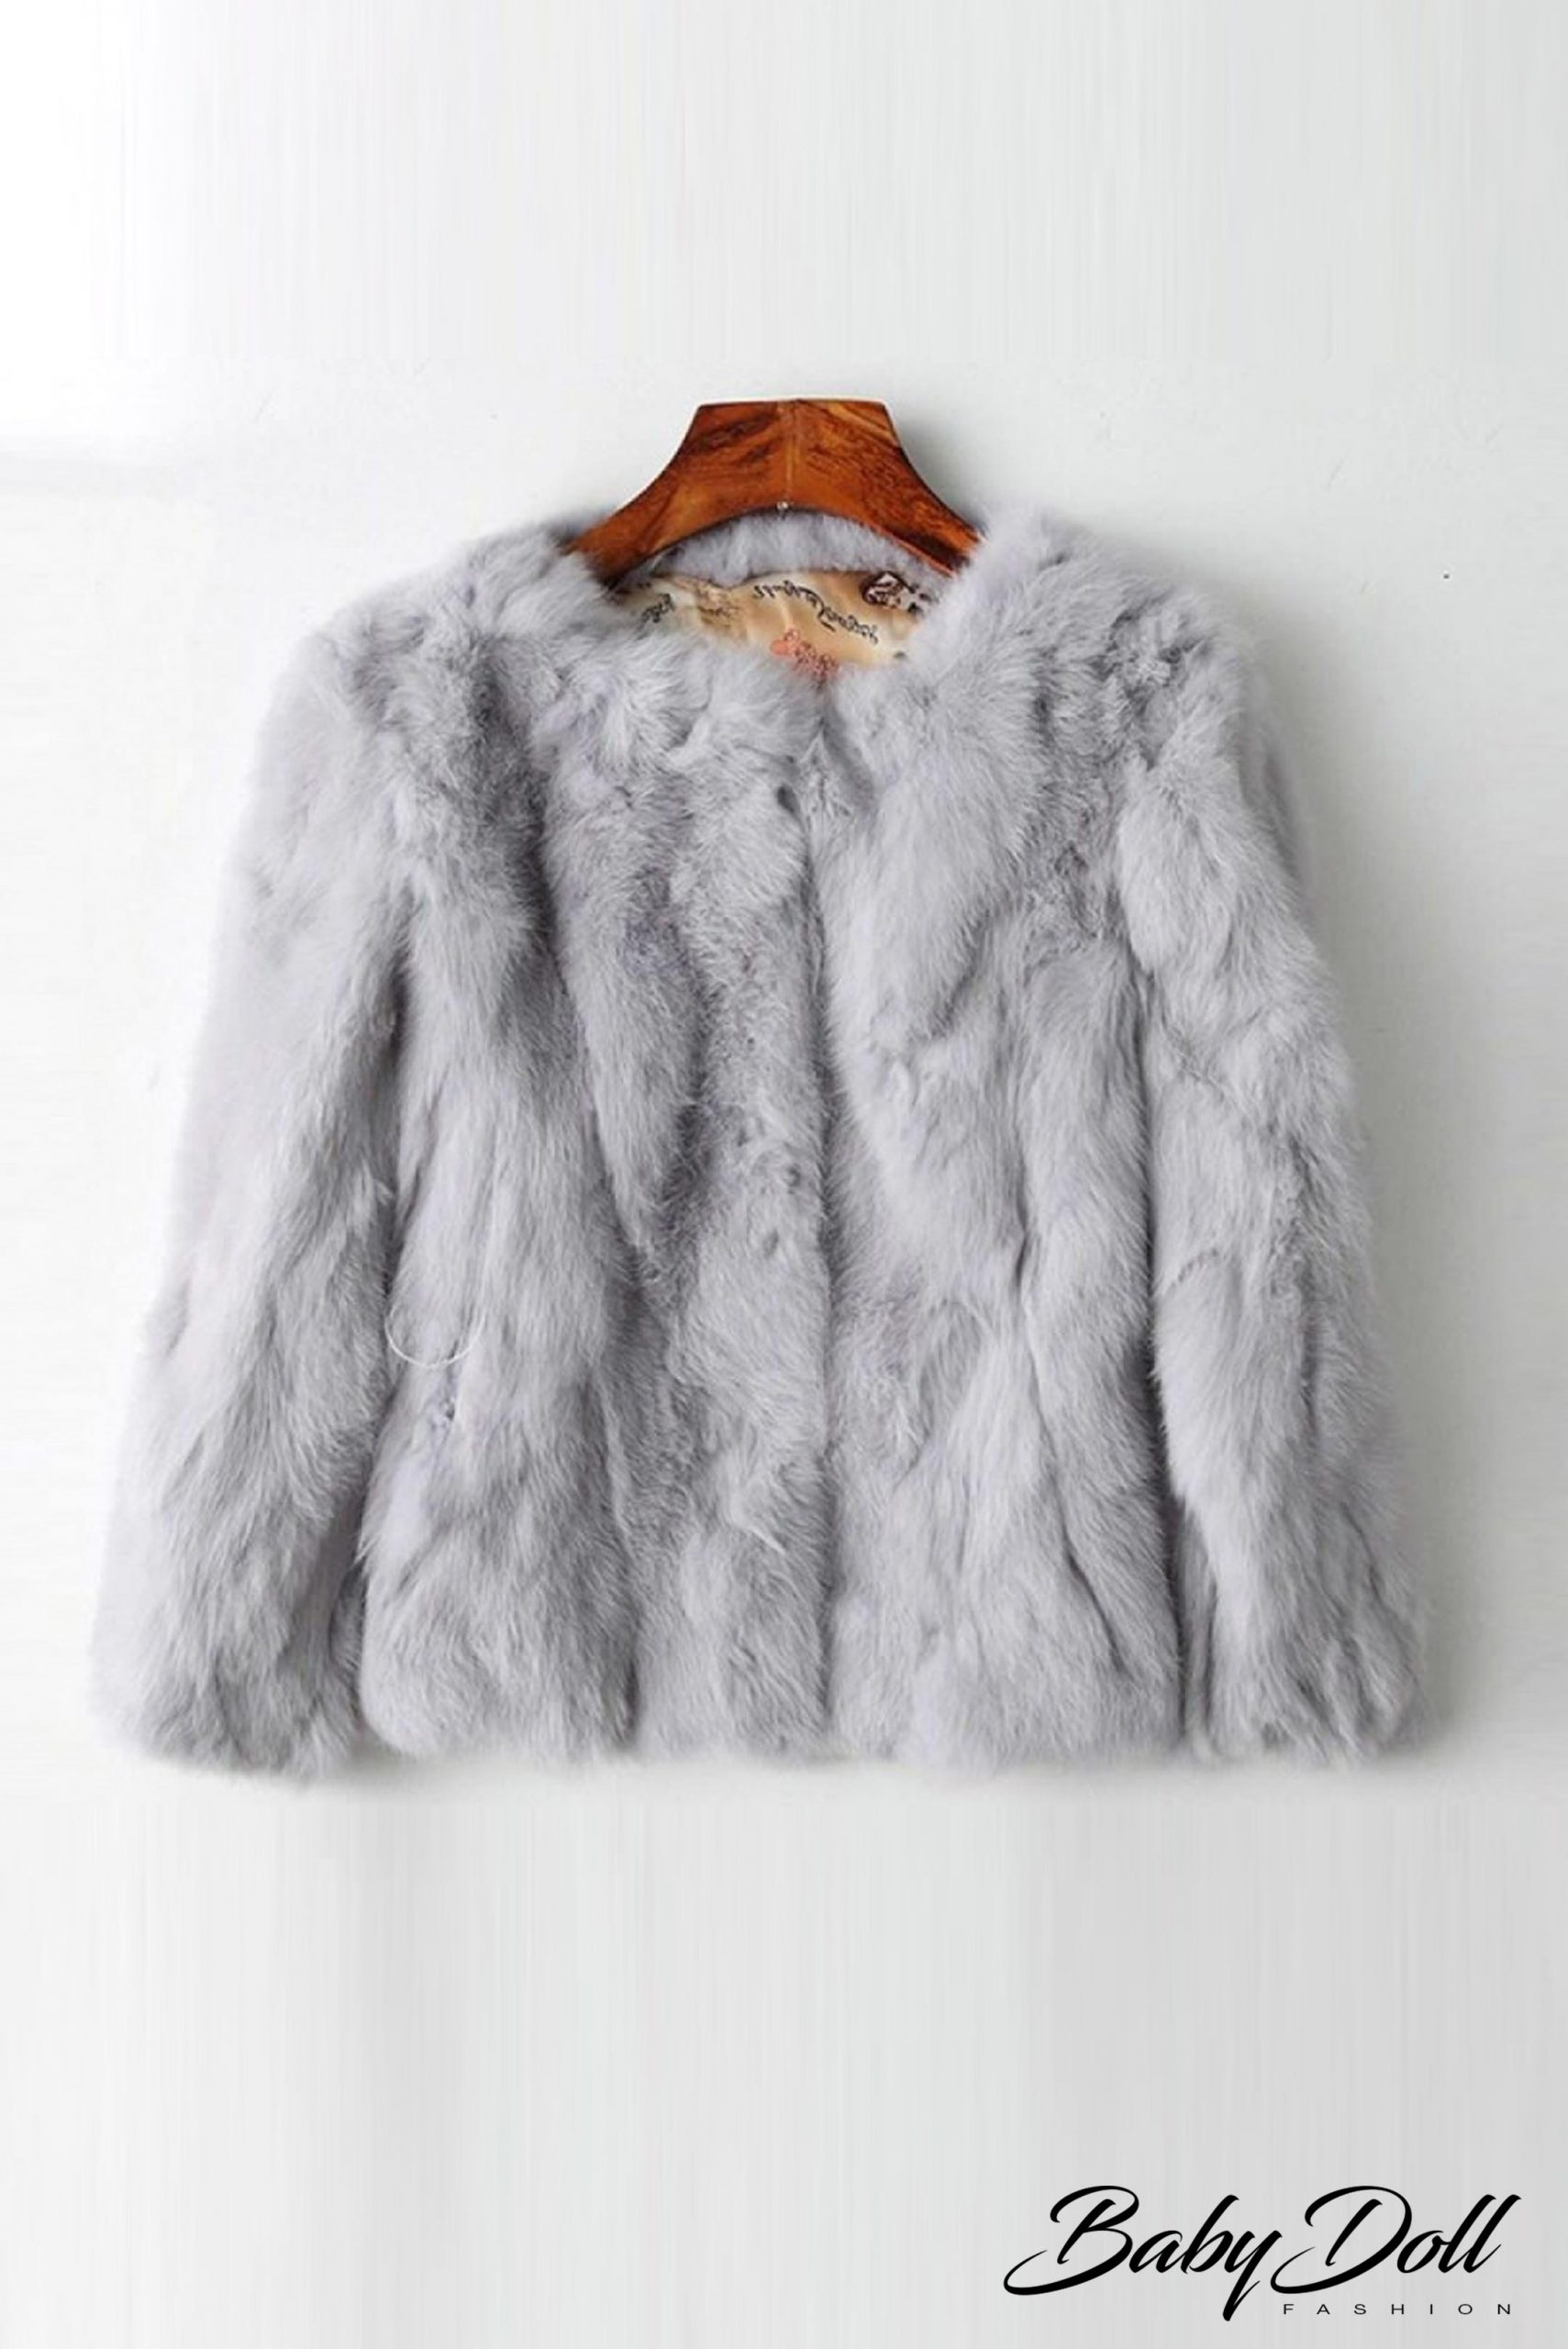 într-o haina de blana - Traducere în engleză - exemple în română | Reverso Context